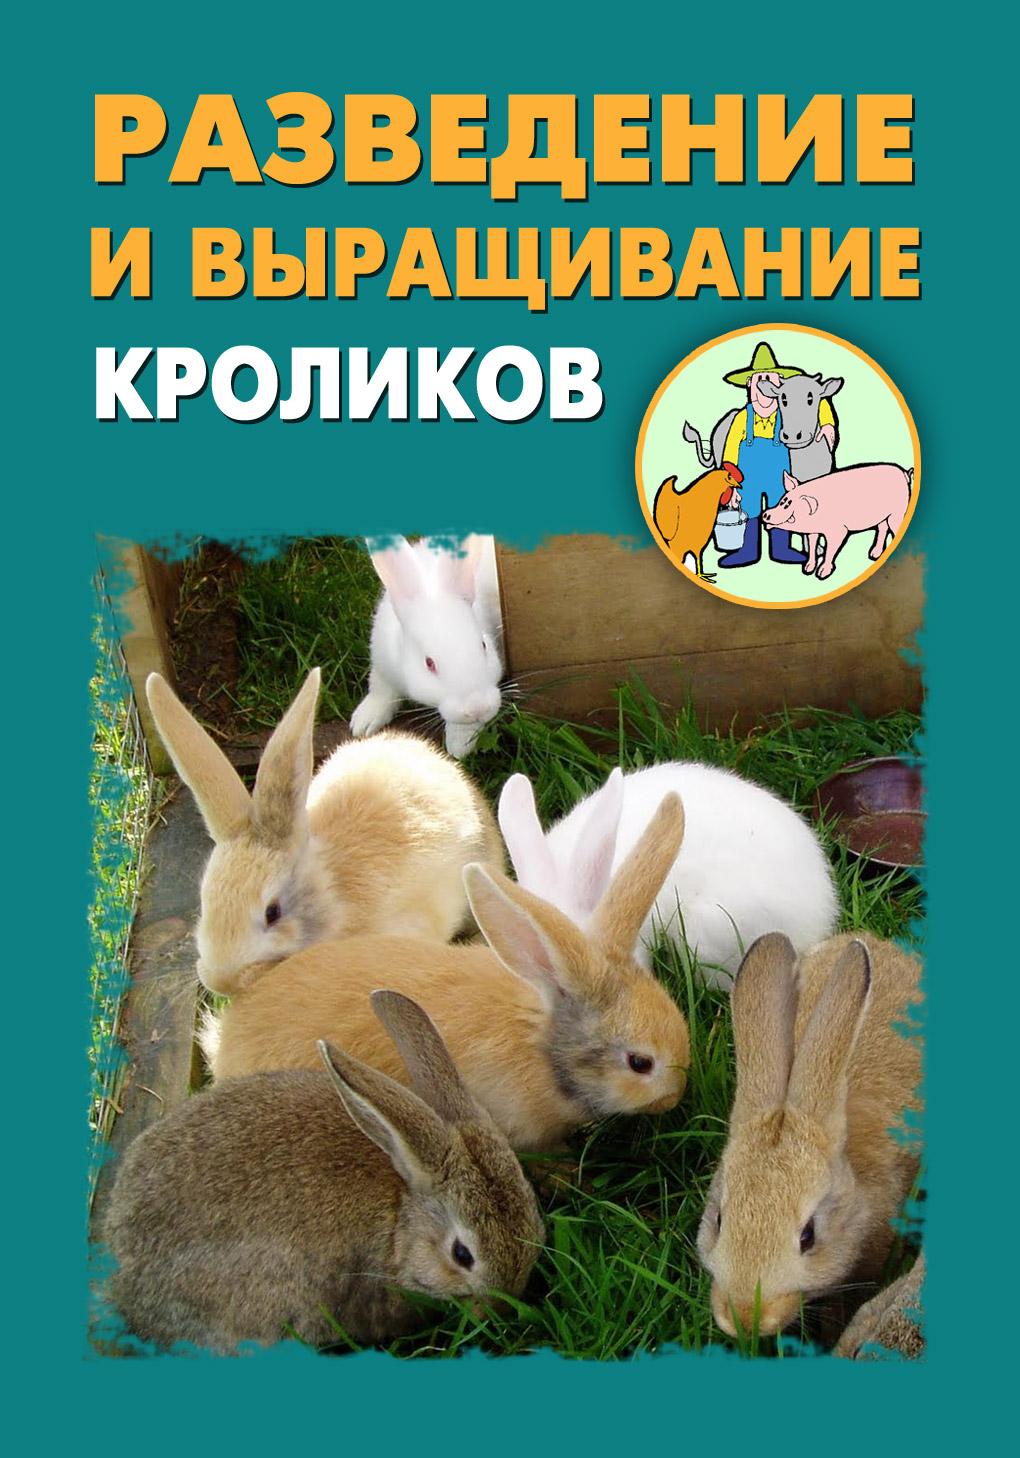 Книга Разведение и выращивание кроликов